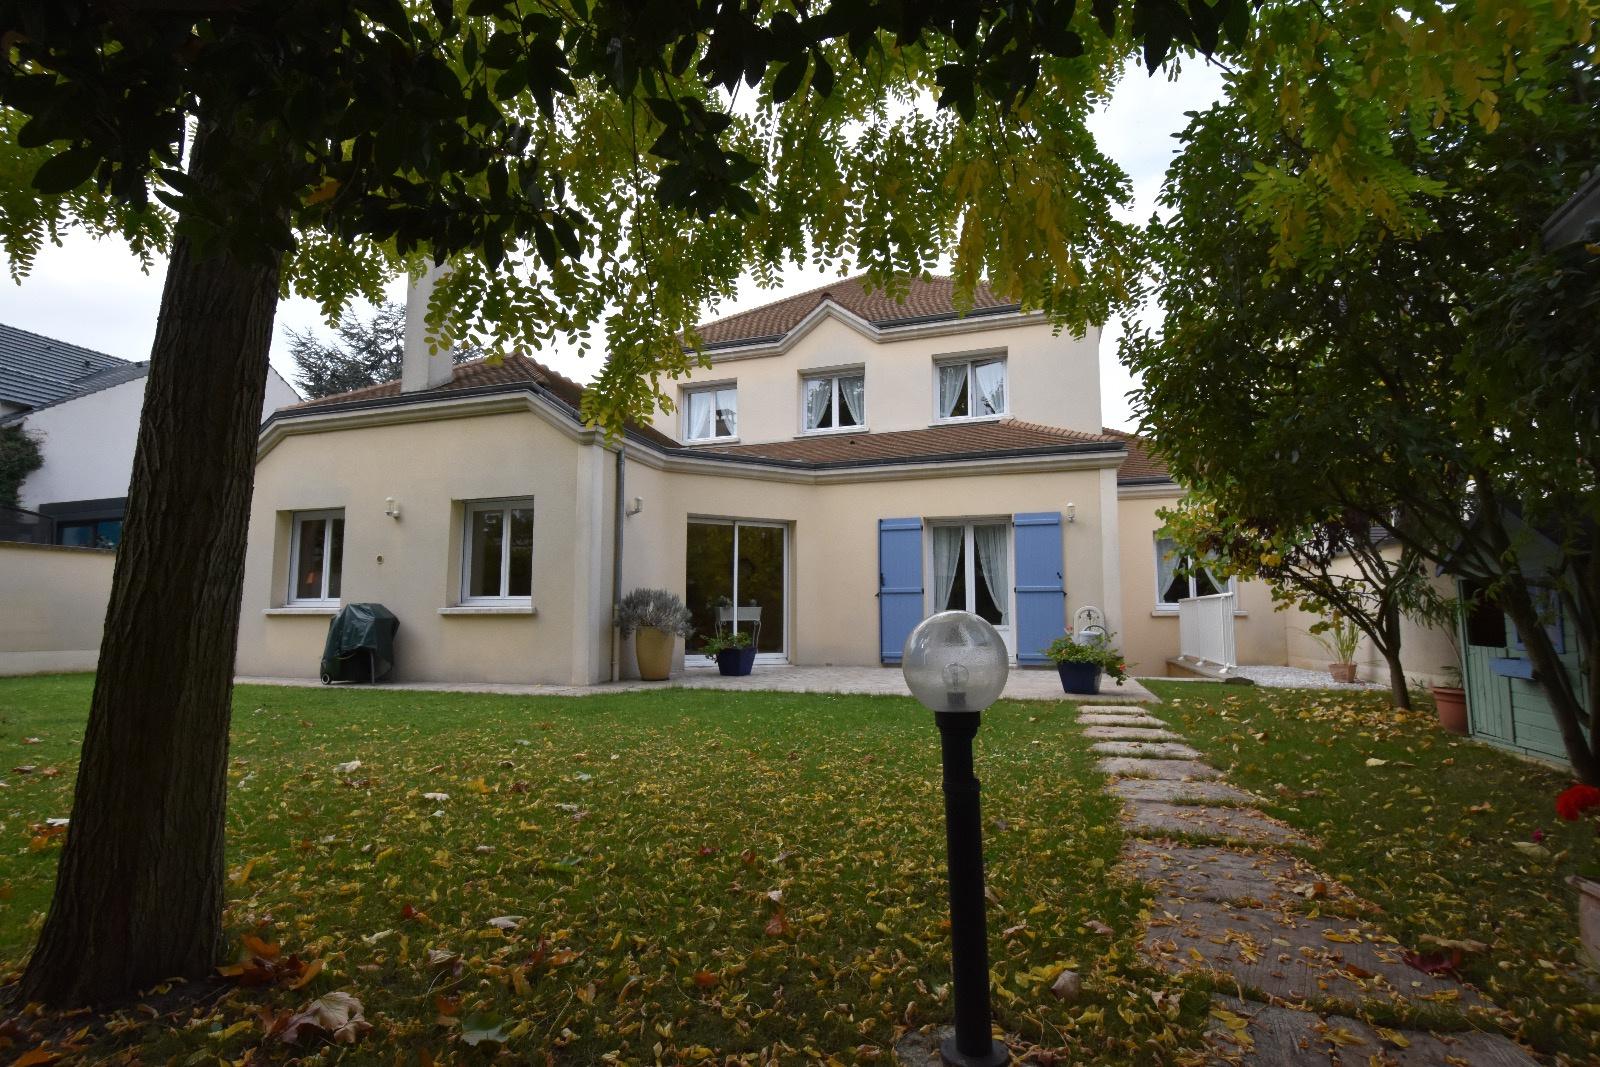 Vente maison rueil malmaison 92500 7 pi ces sur le partenaire for Maison de l europe rueil